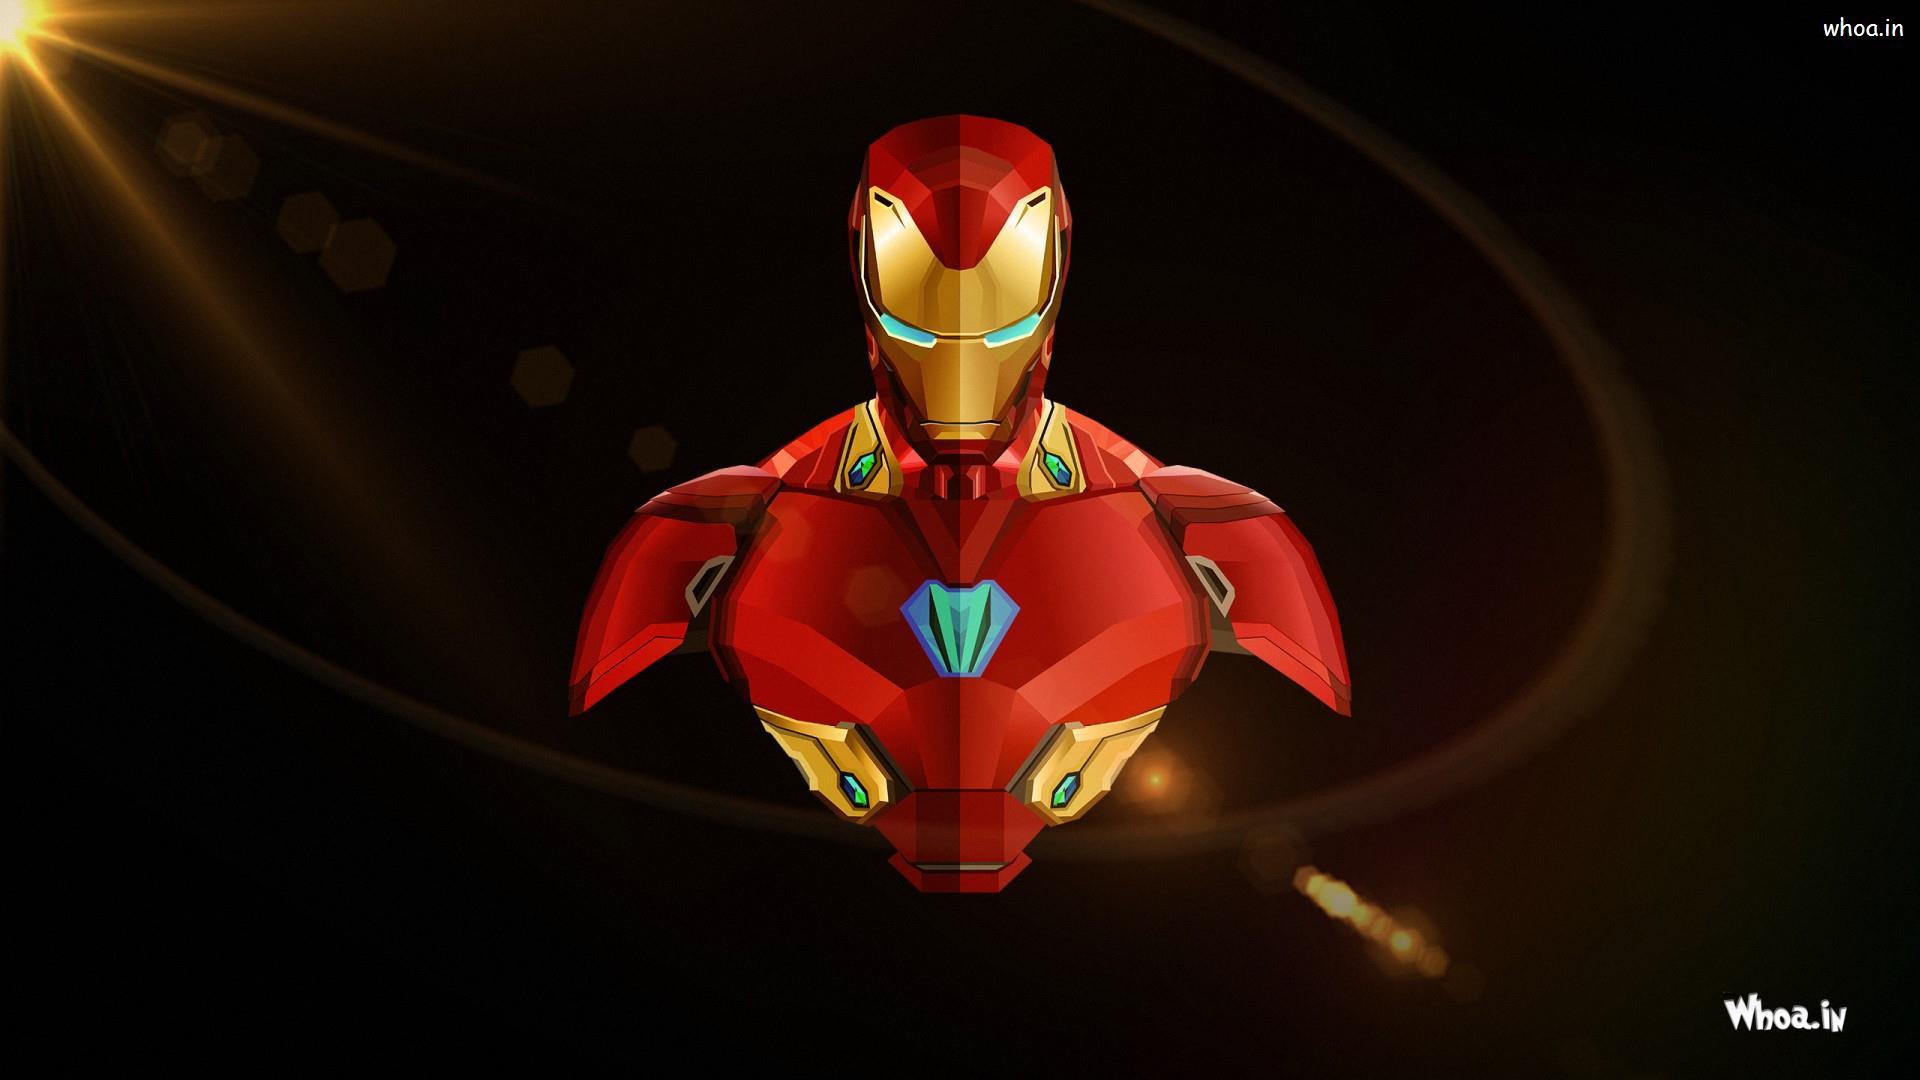 Iron Man Avengers Infinity War Ultra Hd 4k Wallpaper